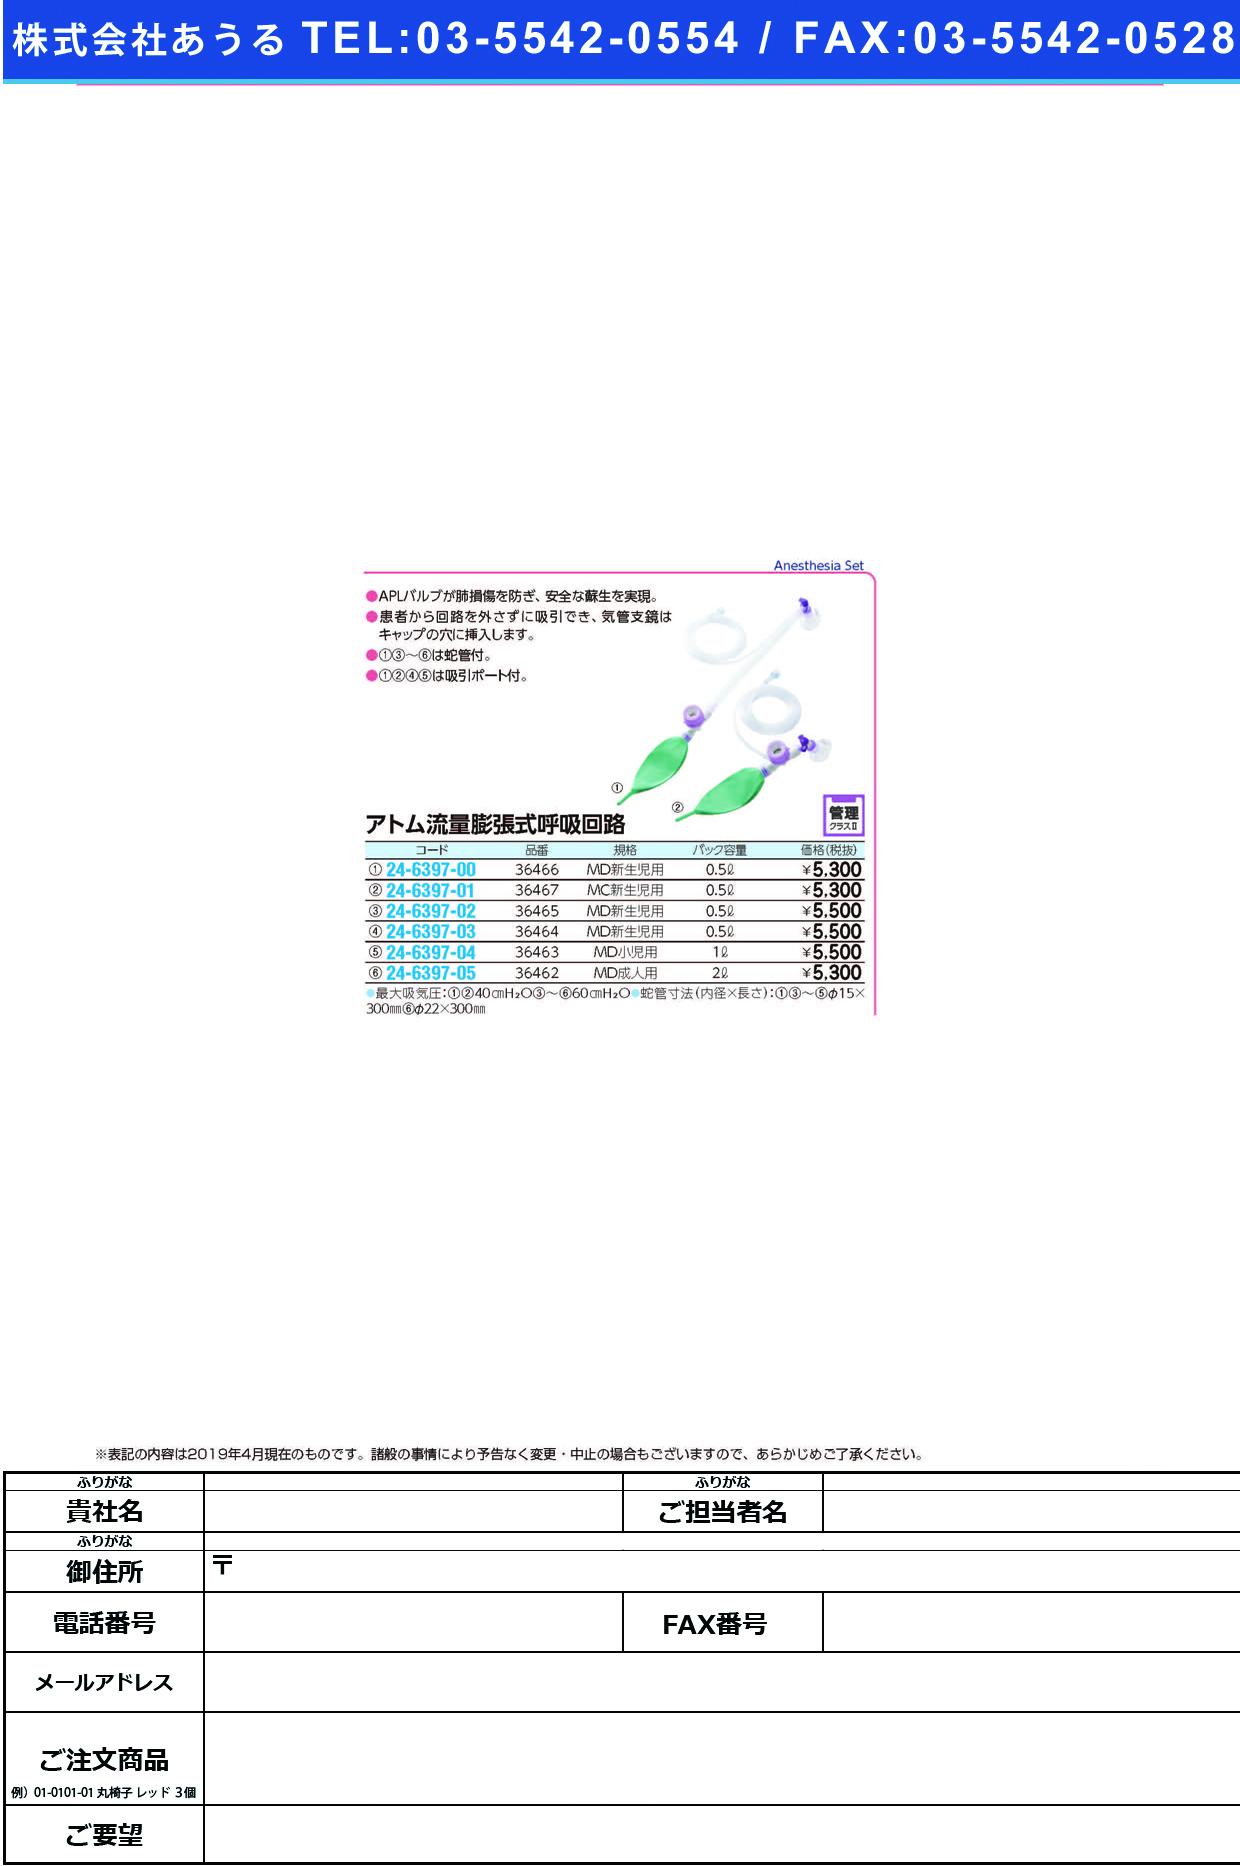 (24-6397-05)流量膨張式呼吸回路(成人用)36462(2L) リュウリョウボウチョウシキコキュウカイ(アトムメディカル)【1個単位】【2019年カタログ商品】